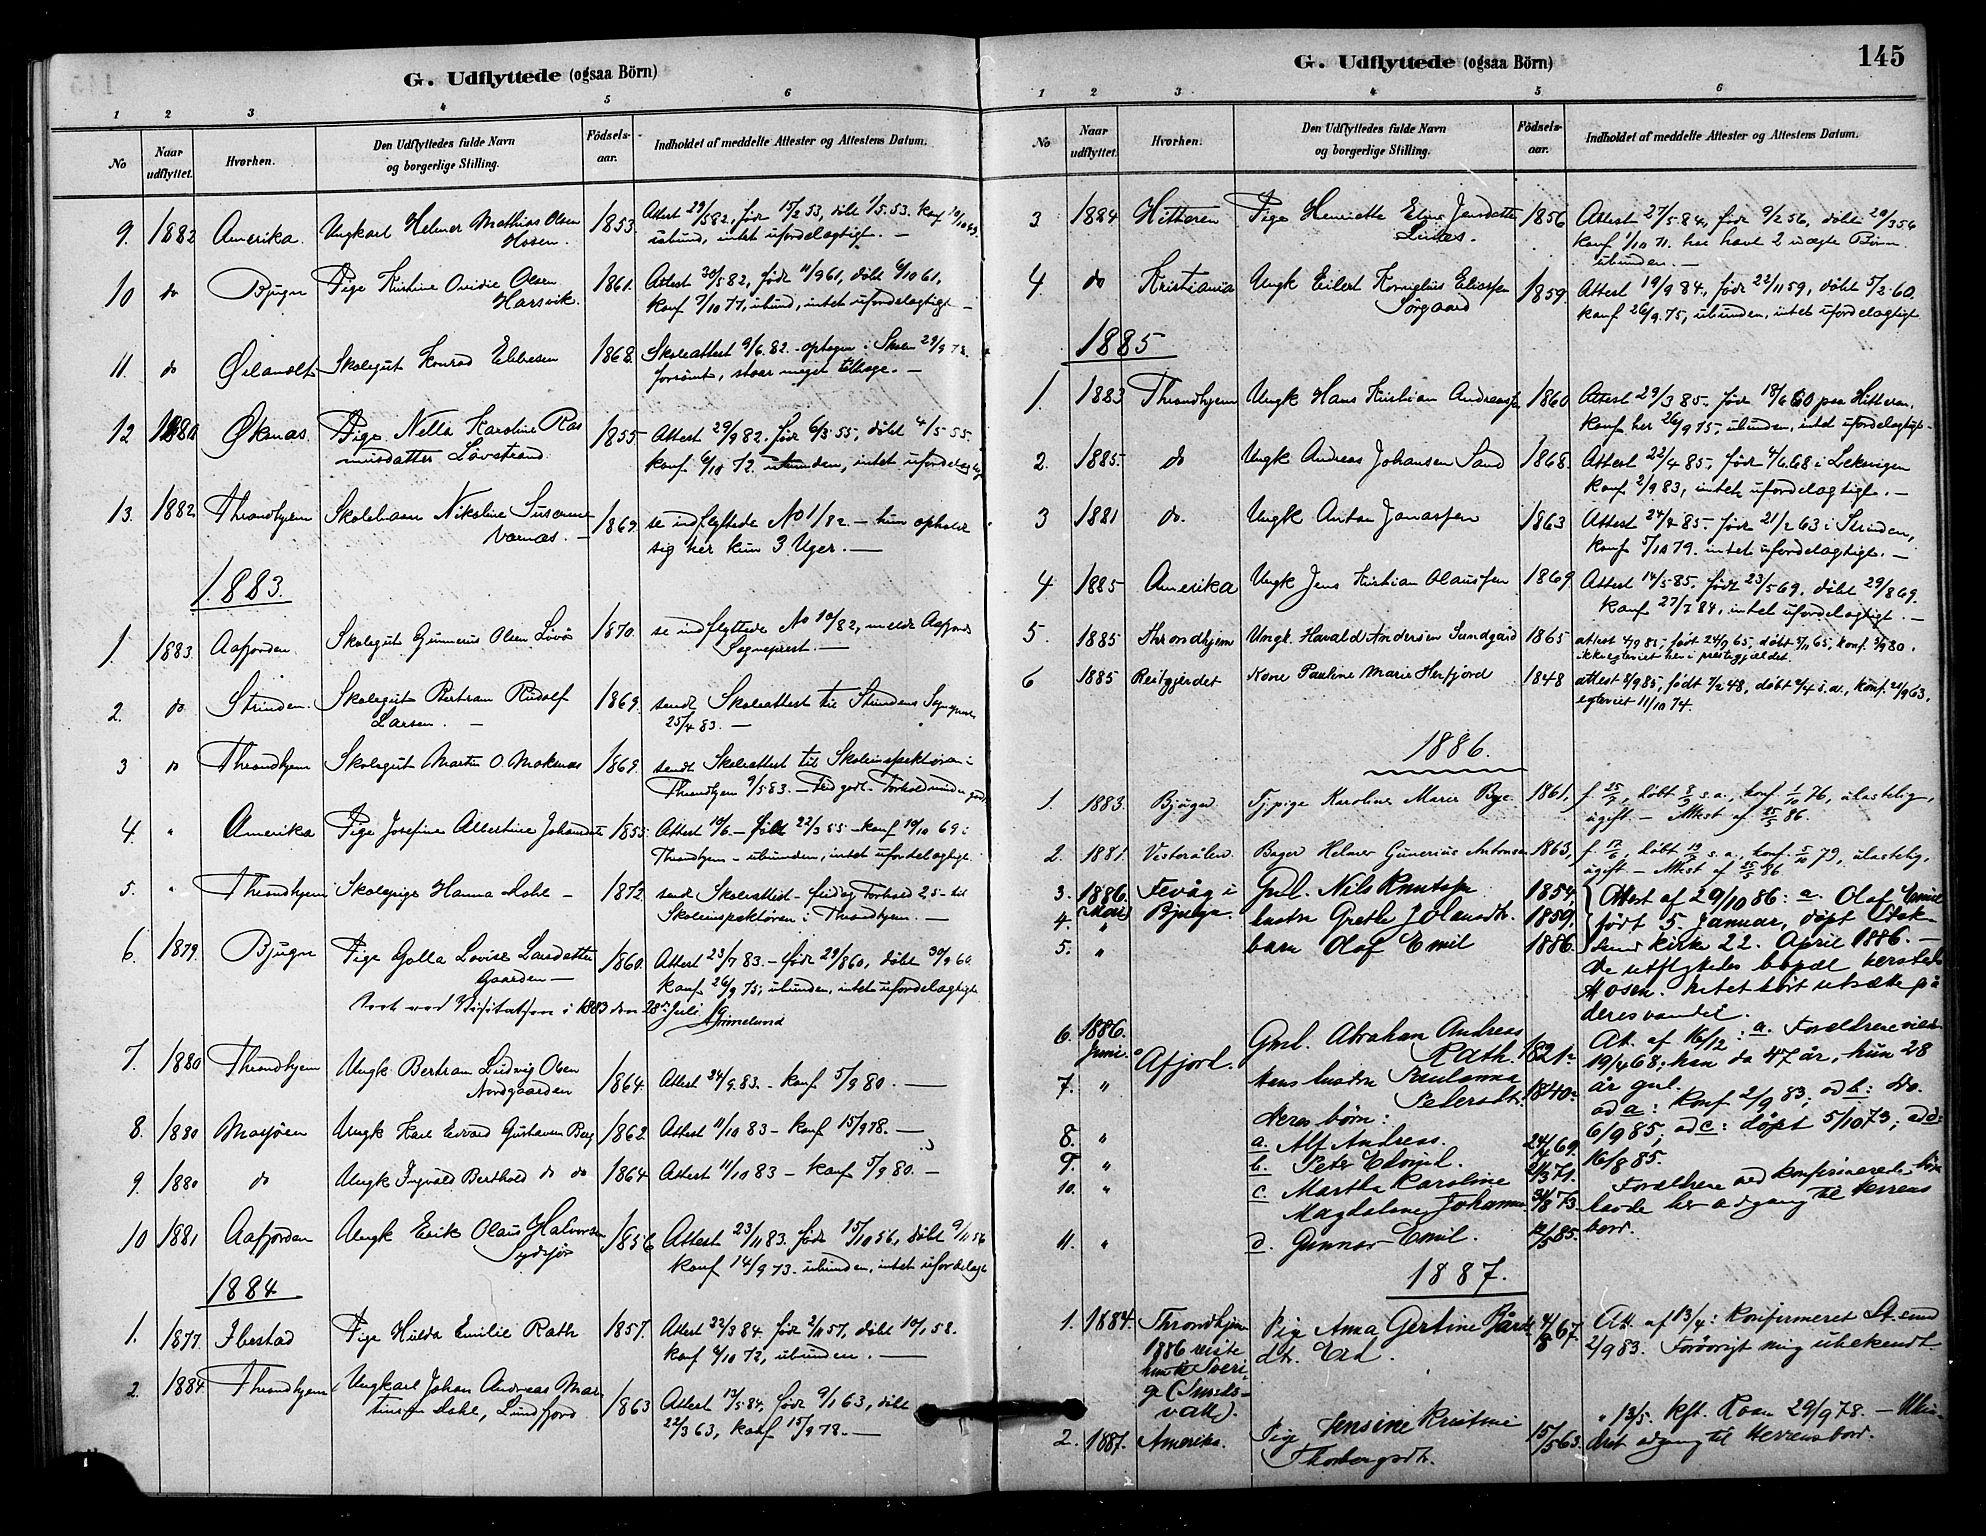 SAT, Ministerialprotokoller, klokkerbøker og fødselsregistre - Sør-Trøndelag, 656/L0692: Ministerialbok nr. 656A01, 1879-1893, s. 145